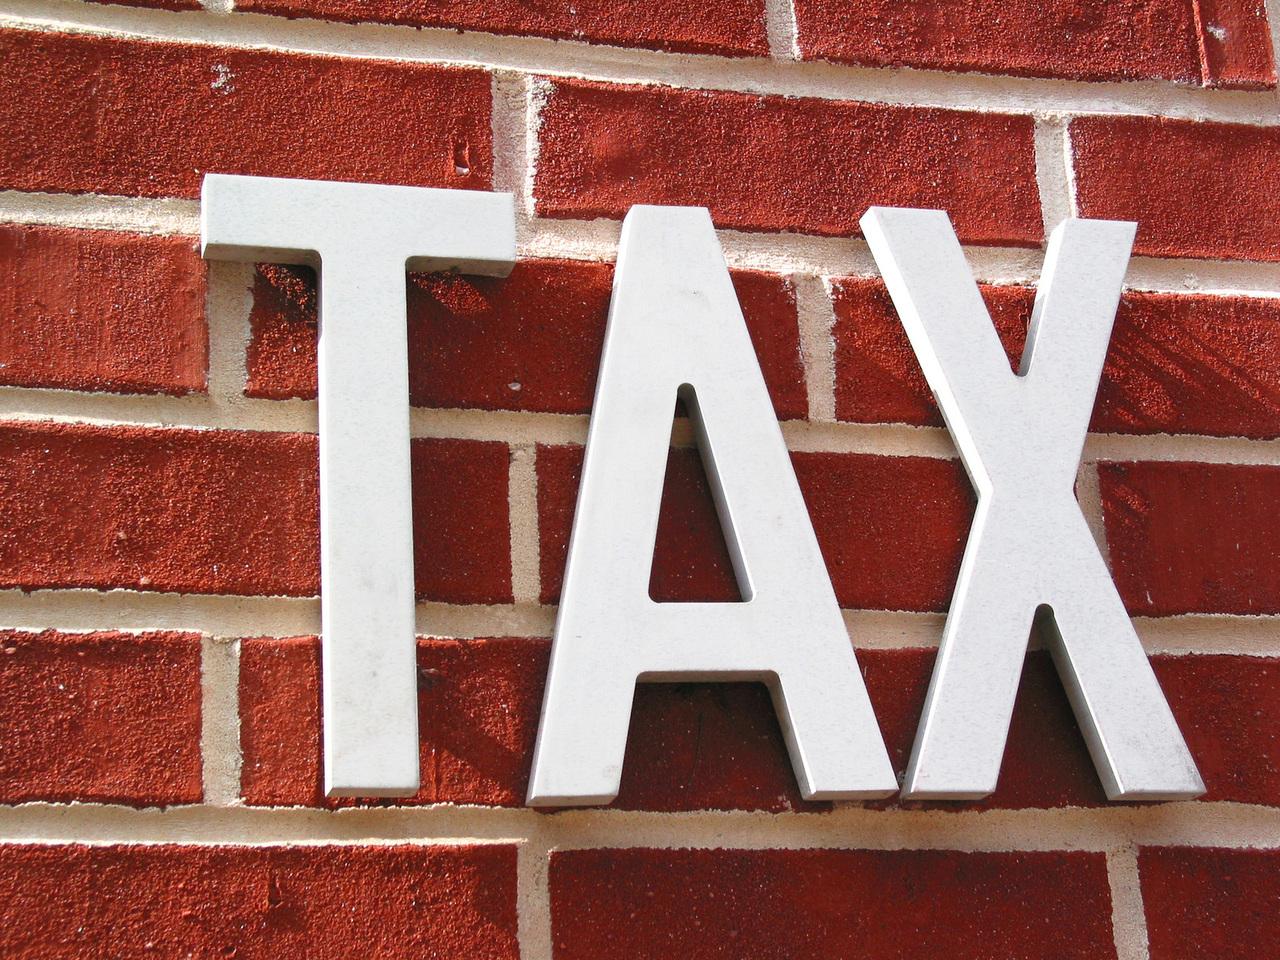 tax-1501475-1280x960